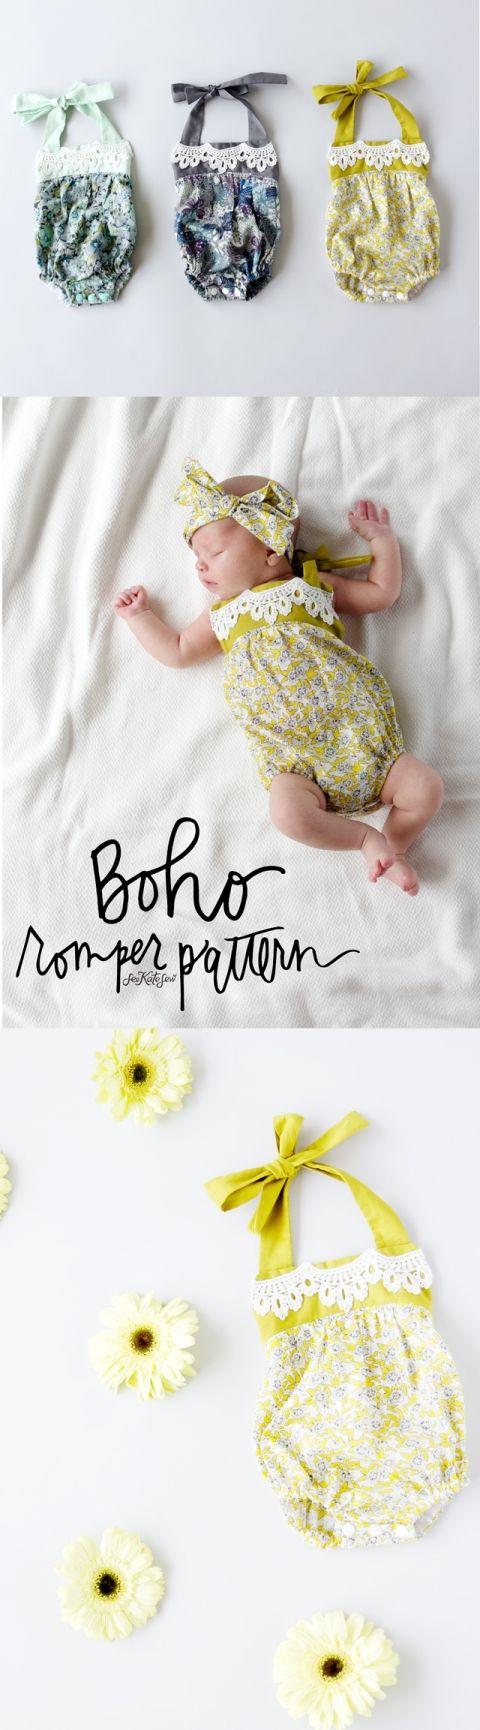 Boho Romper Sample | See Kate Sew